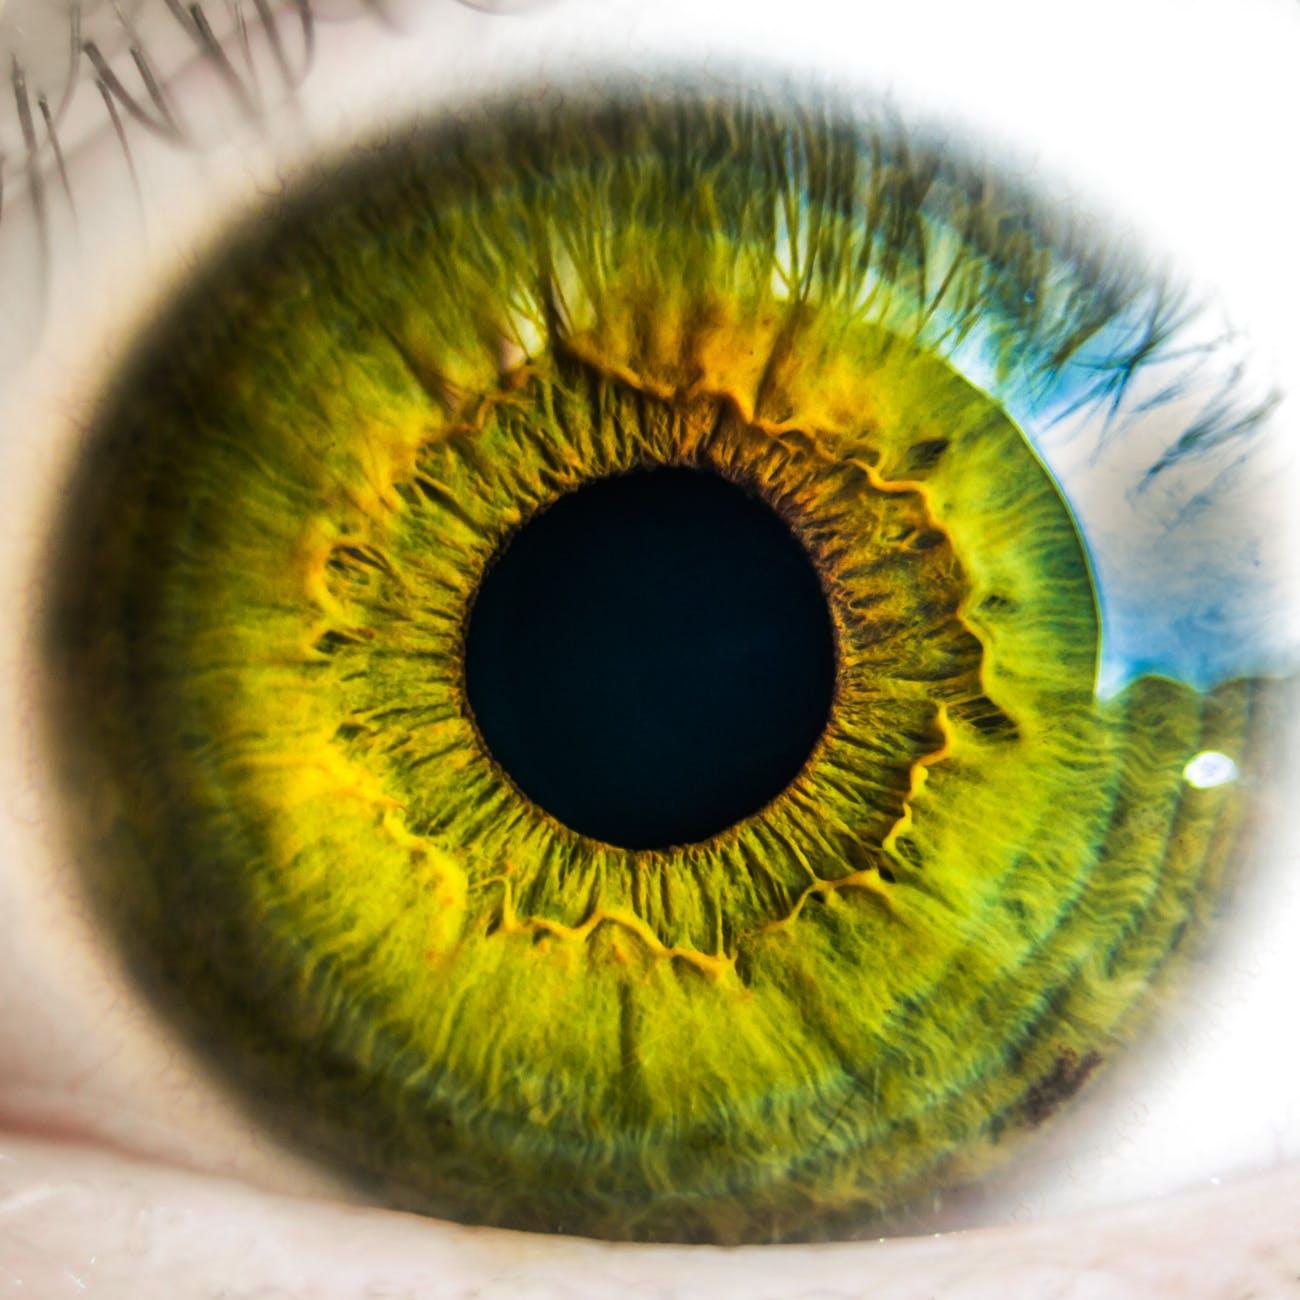 Šta može promijeniti boju vaših očiju?